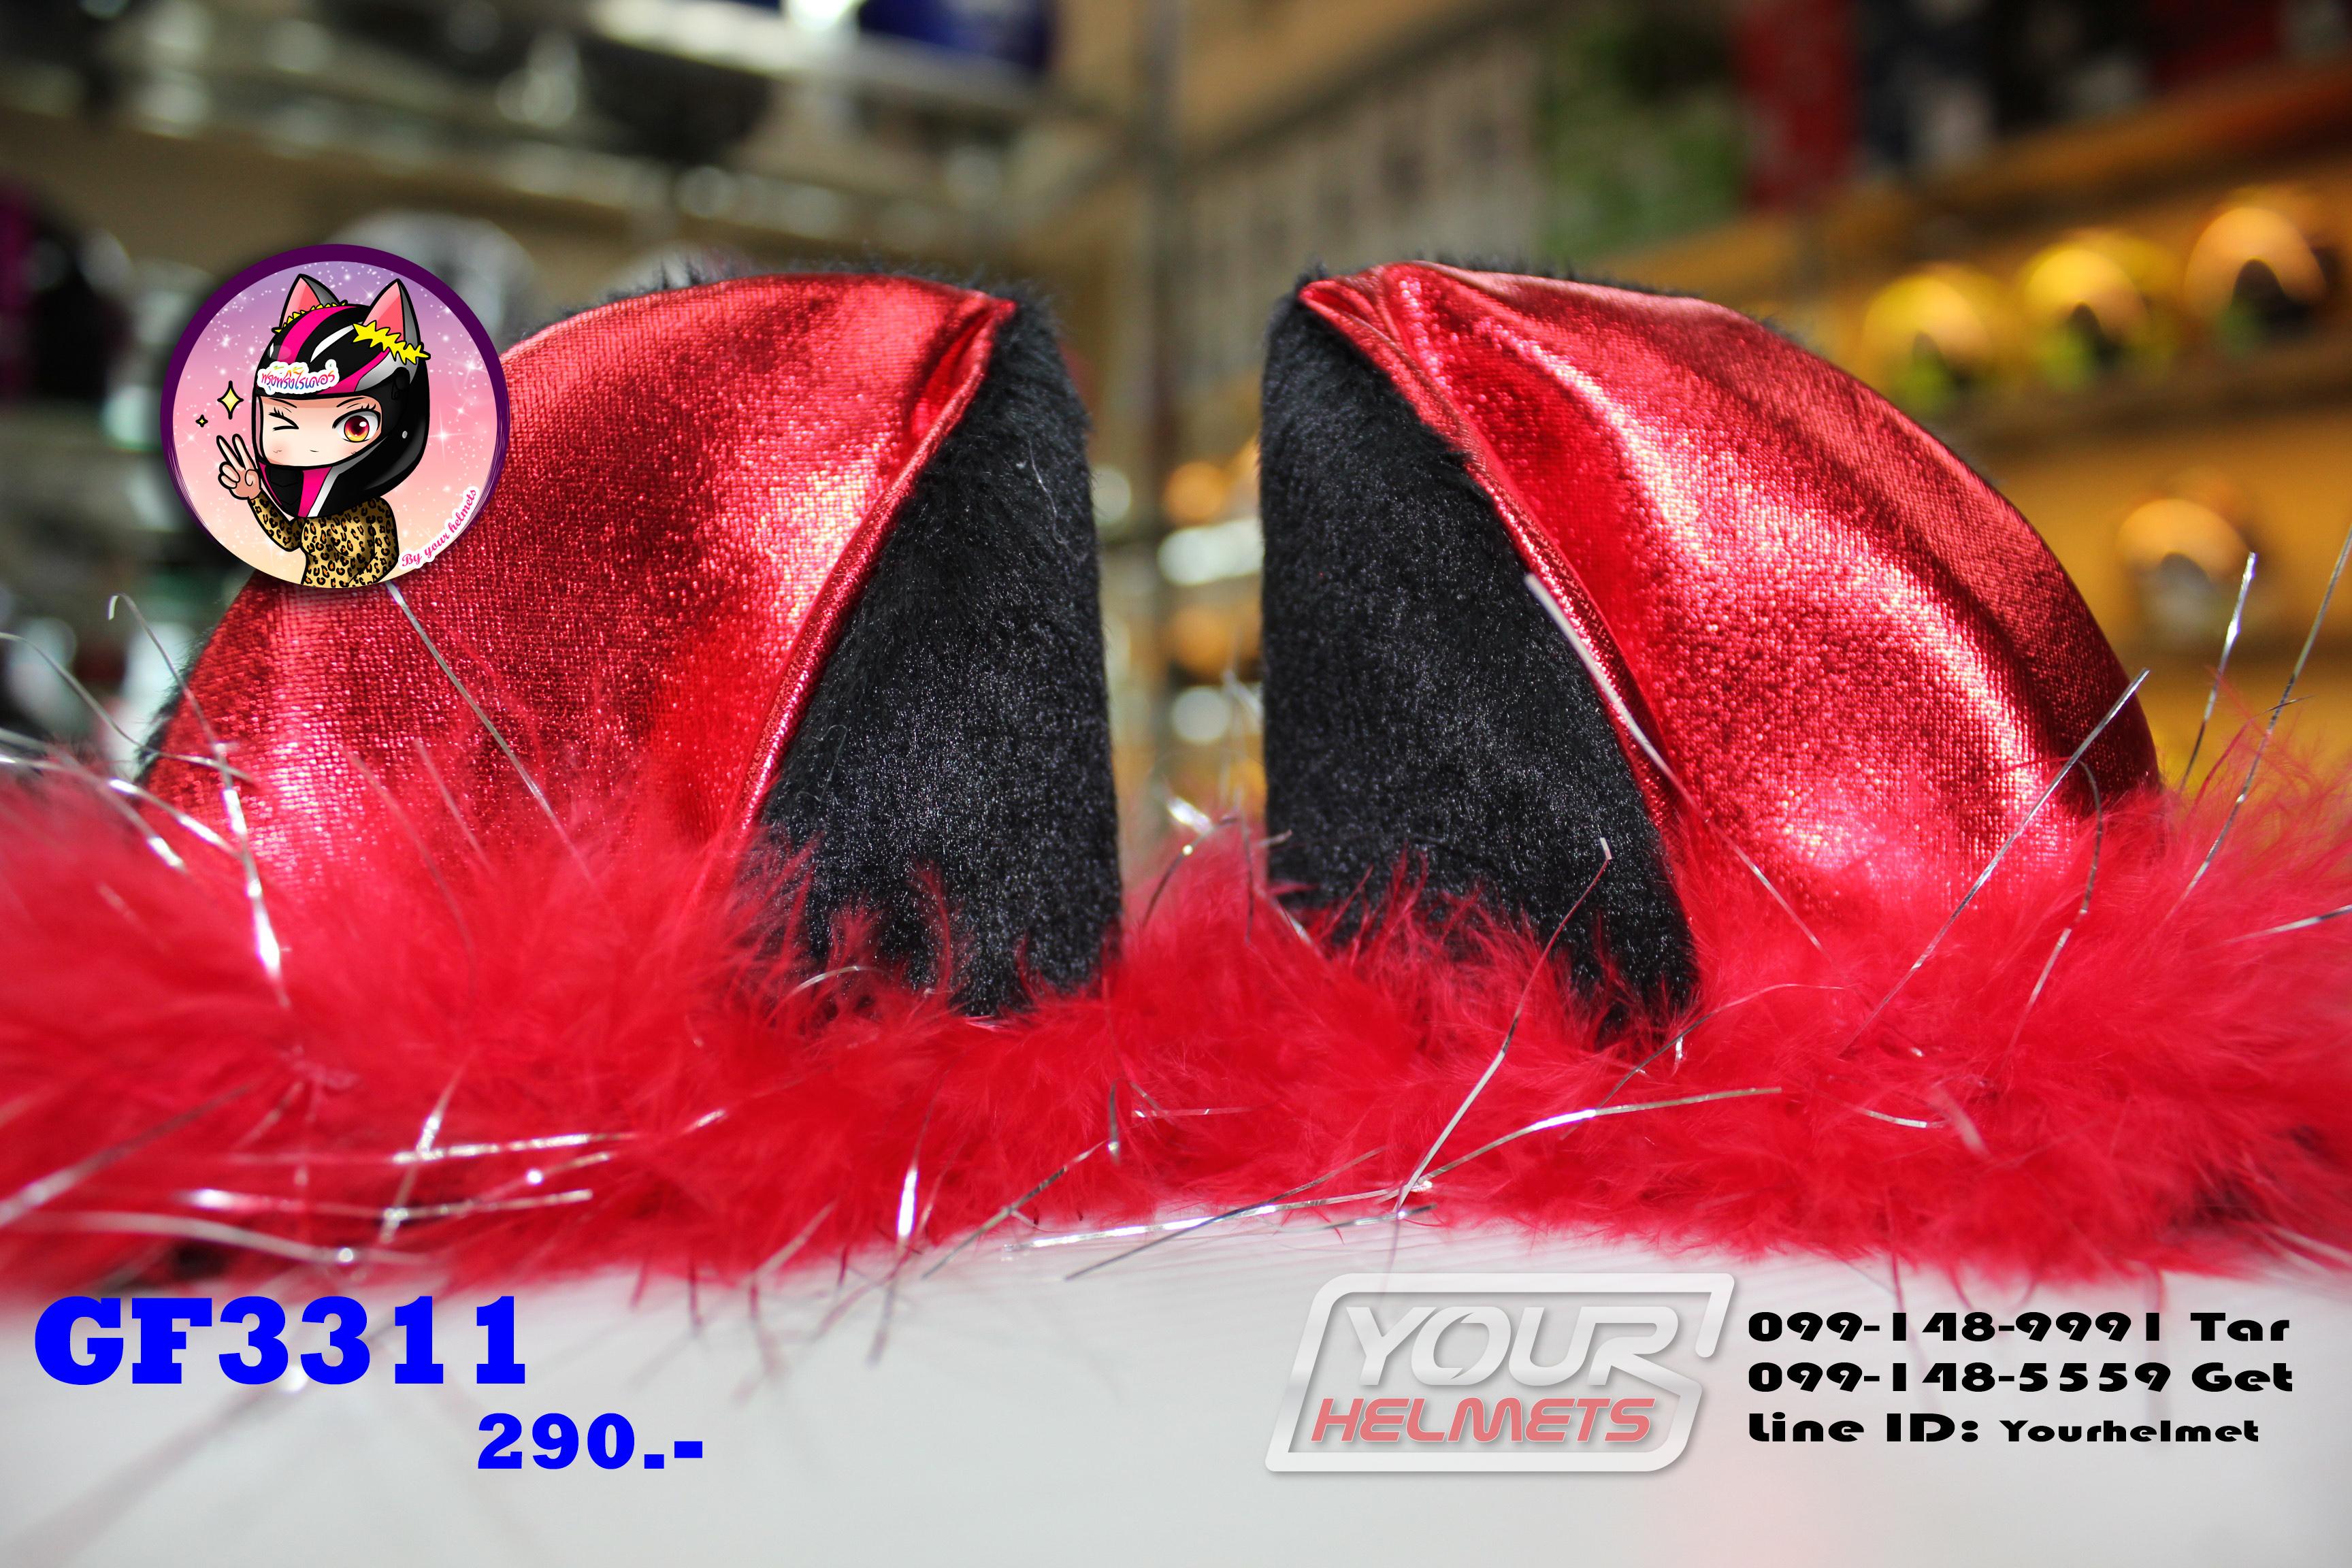 หูฟรุ้งฟริ้ง ไรเดอร์ หูแมวติดหมวกกันน็อค Gf3311